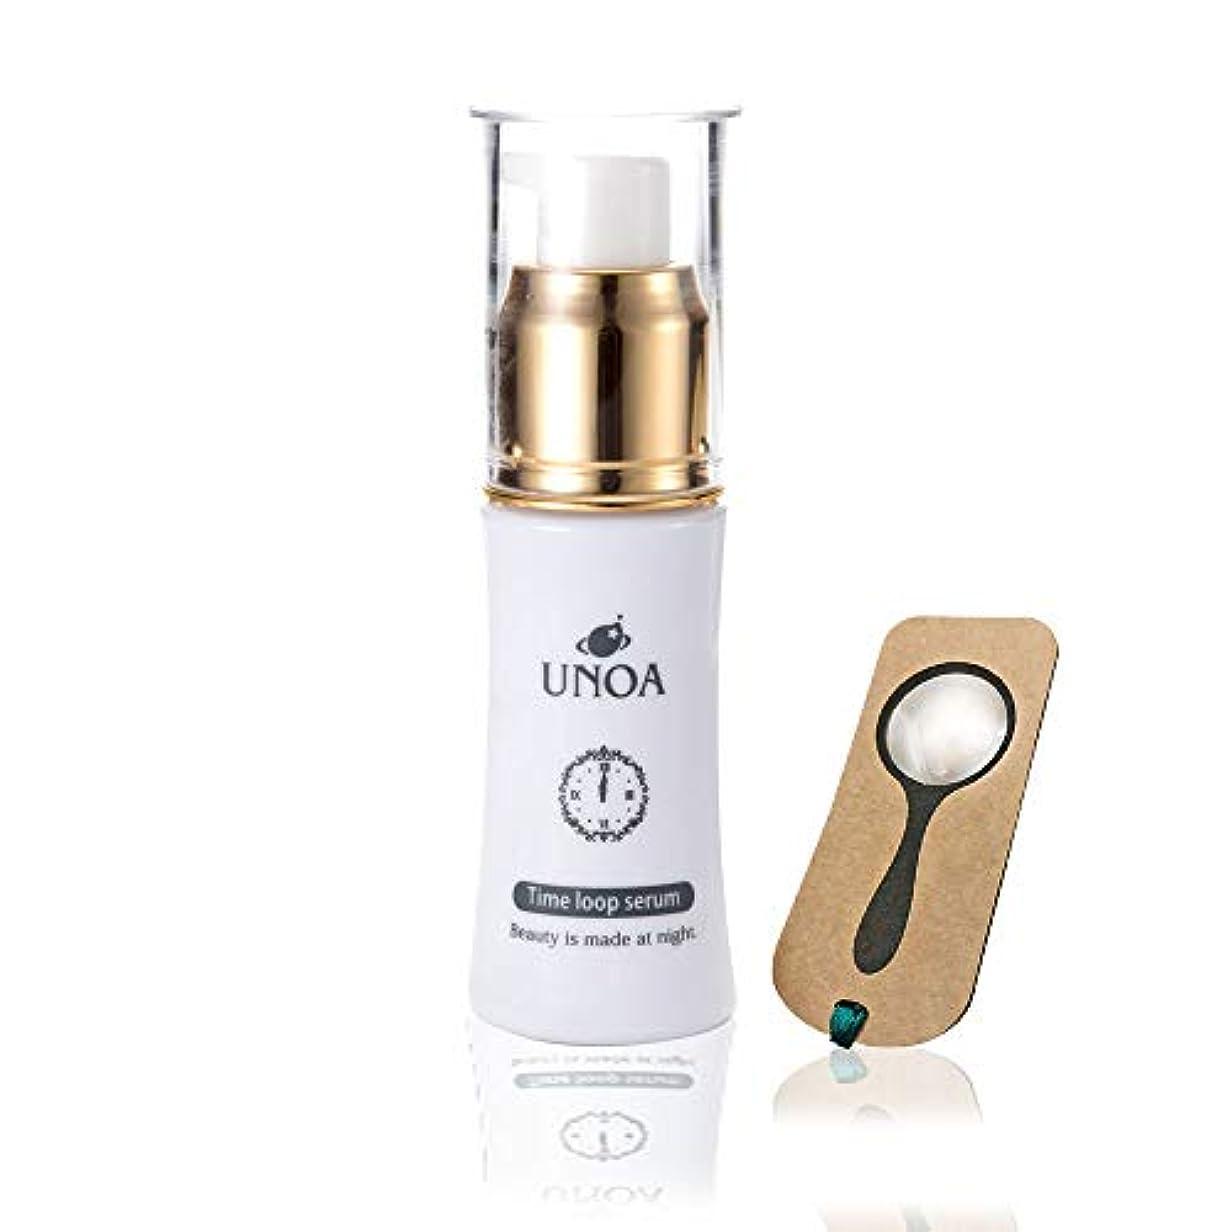 弱まるくつろぎ抑止するヒト幹細胞美容液「UNOAタイムループセラム」美容成分高配合 しおり型ルーペ付き